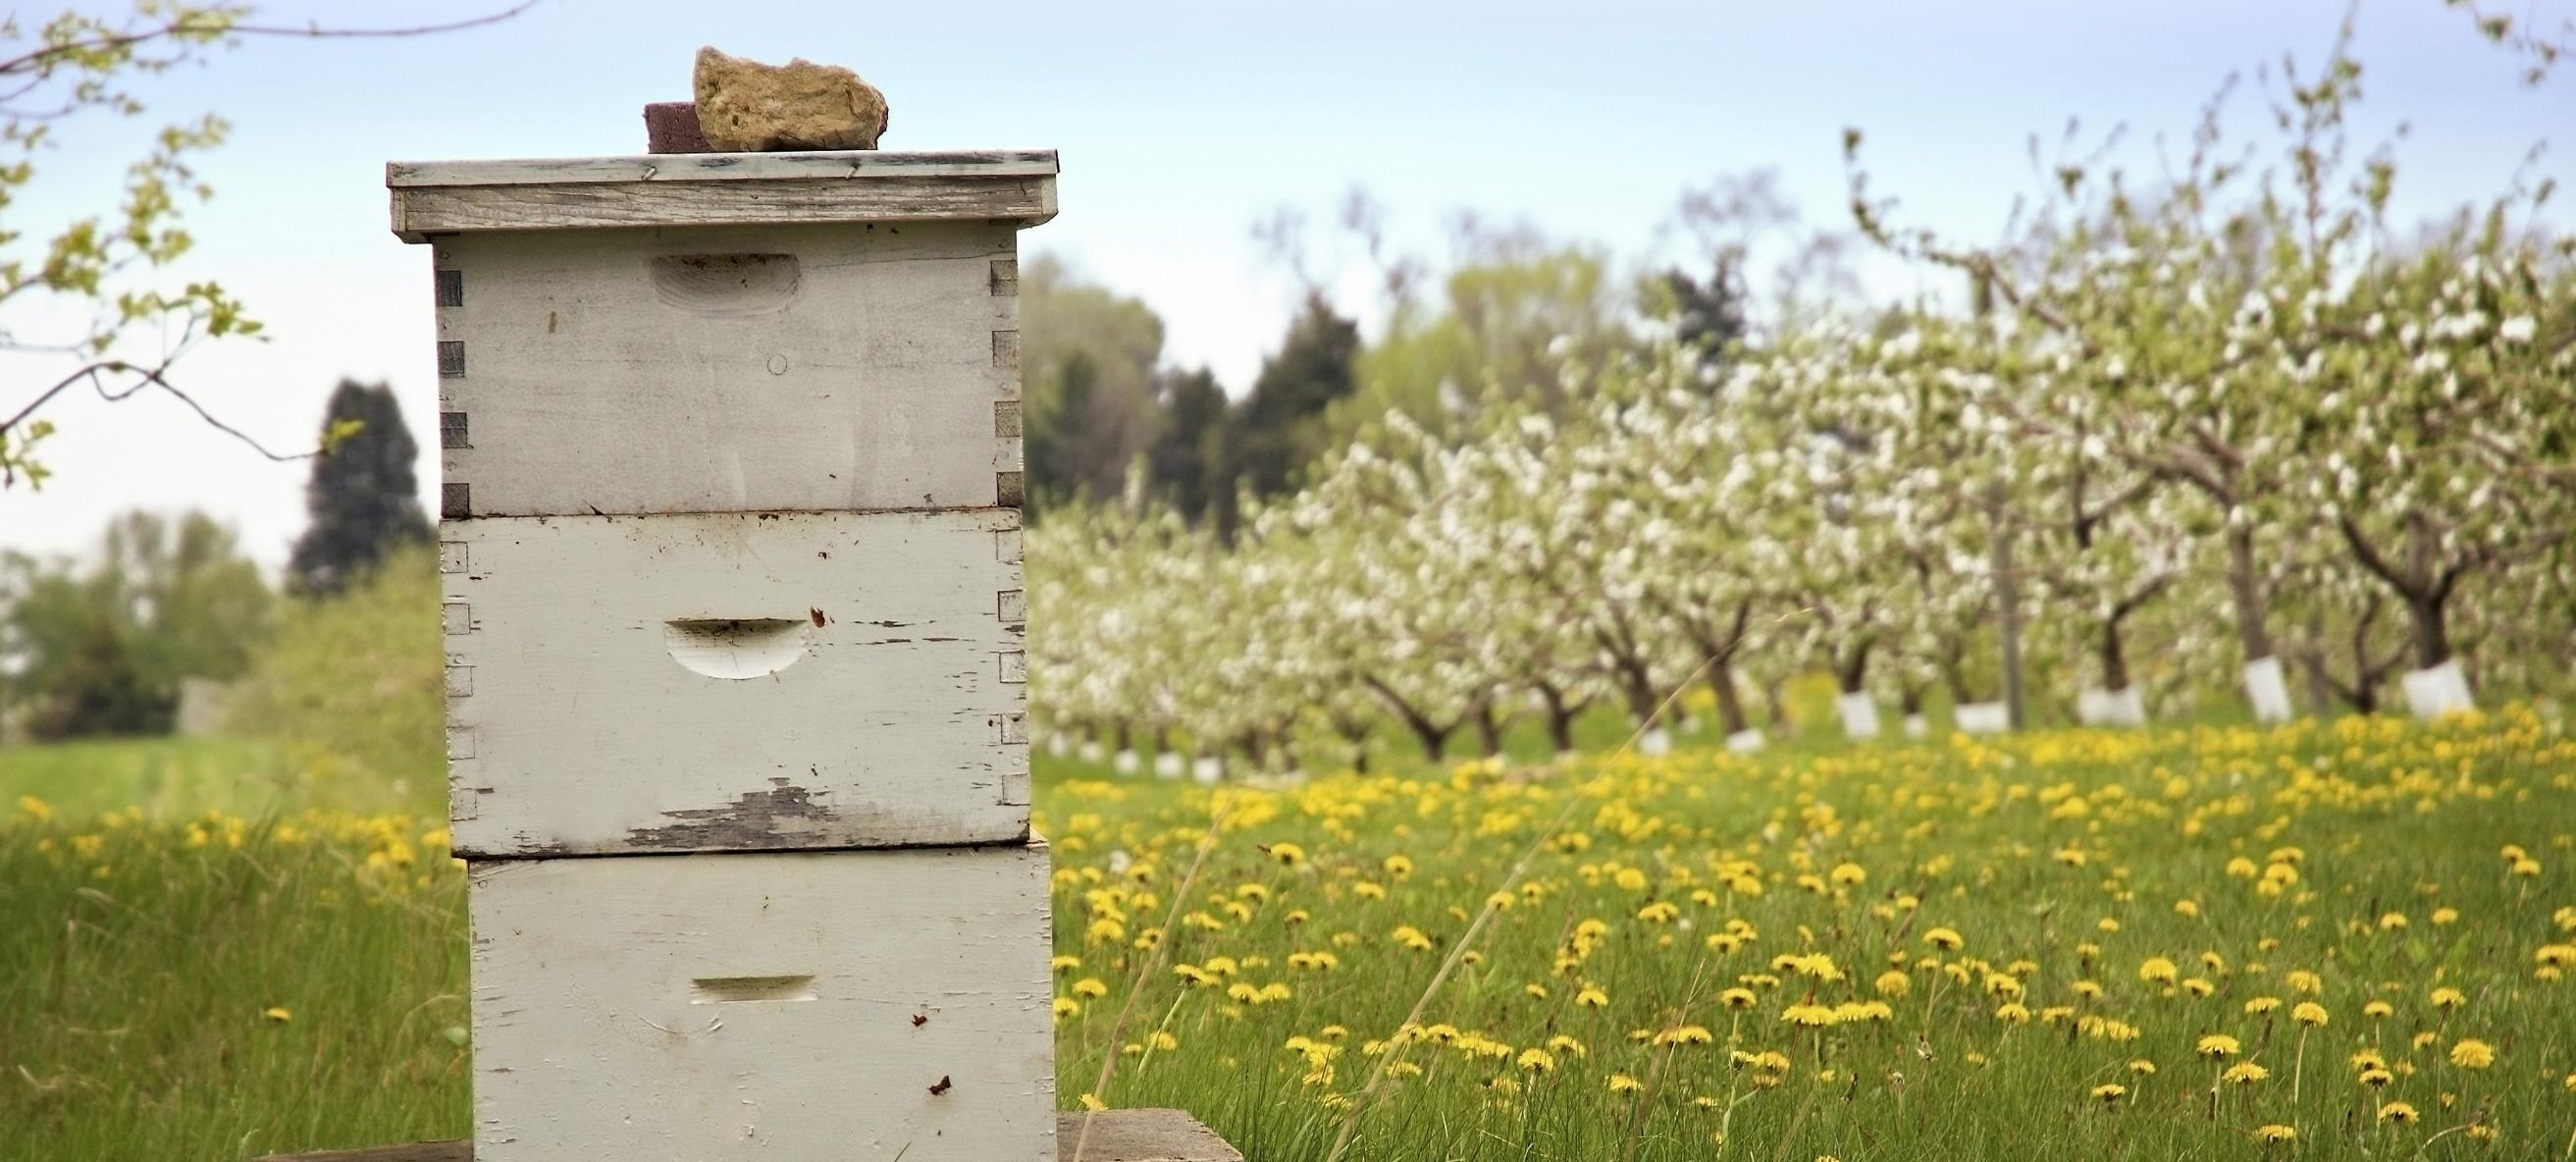 Upper Eastern Shore Beekeepers